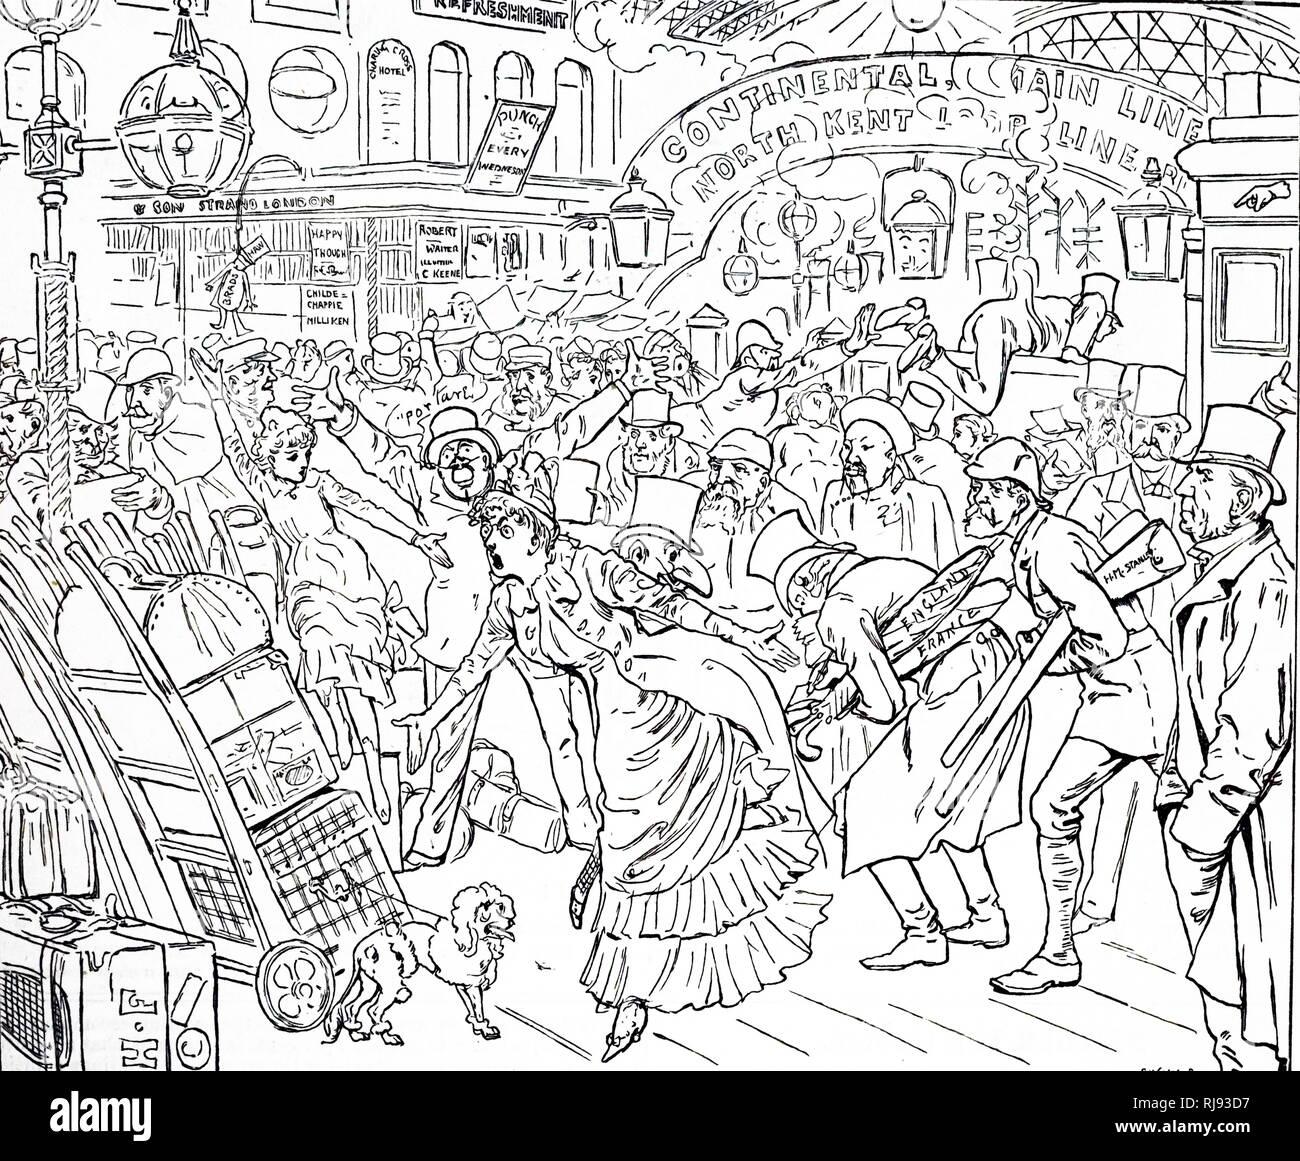 Un cartoon raffigurante il caotico stato della stazione di Charing Cross. Illustrato da Harry Furniss (1854-1925) un artista e illustratore. Datata del XIX secolo Immagini Stock